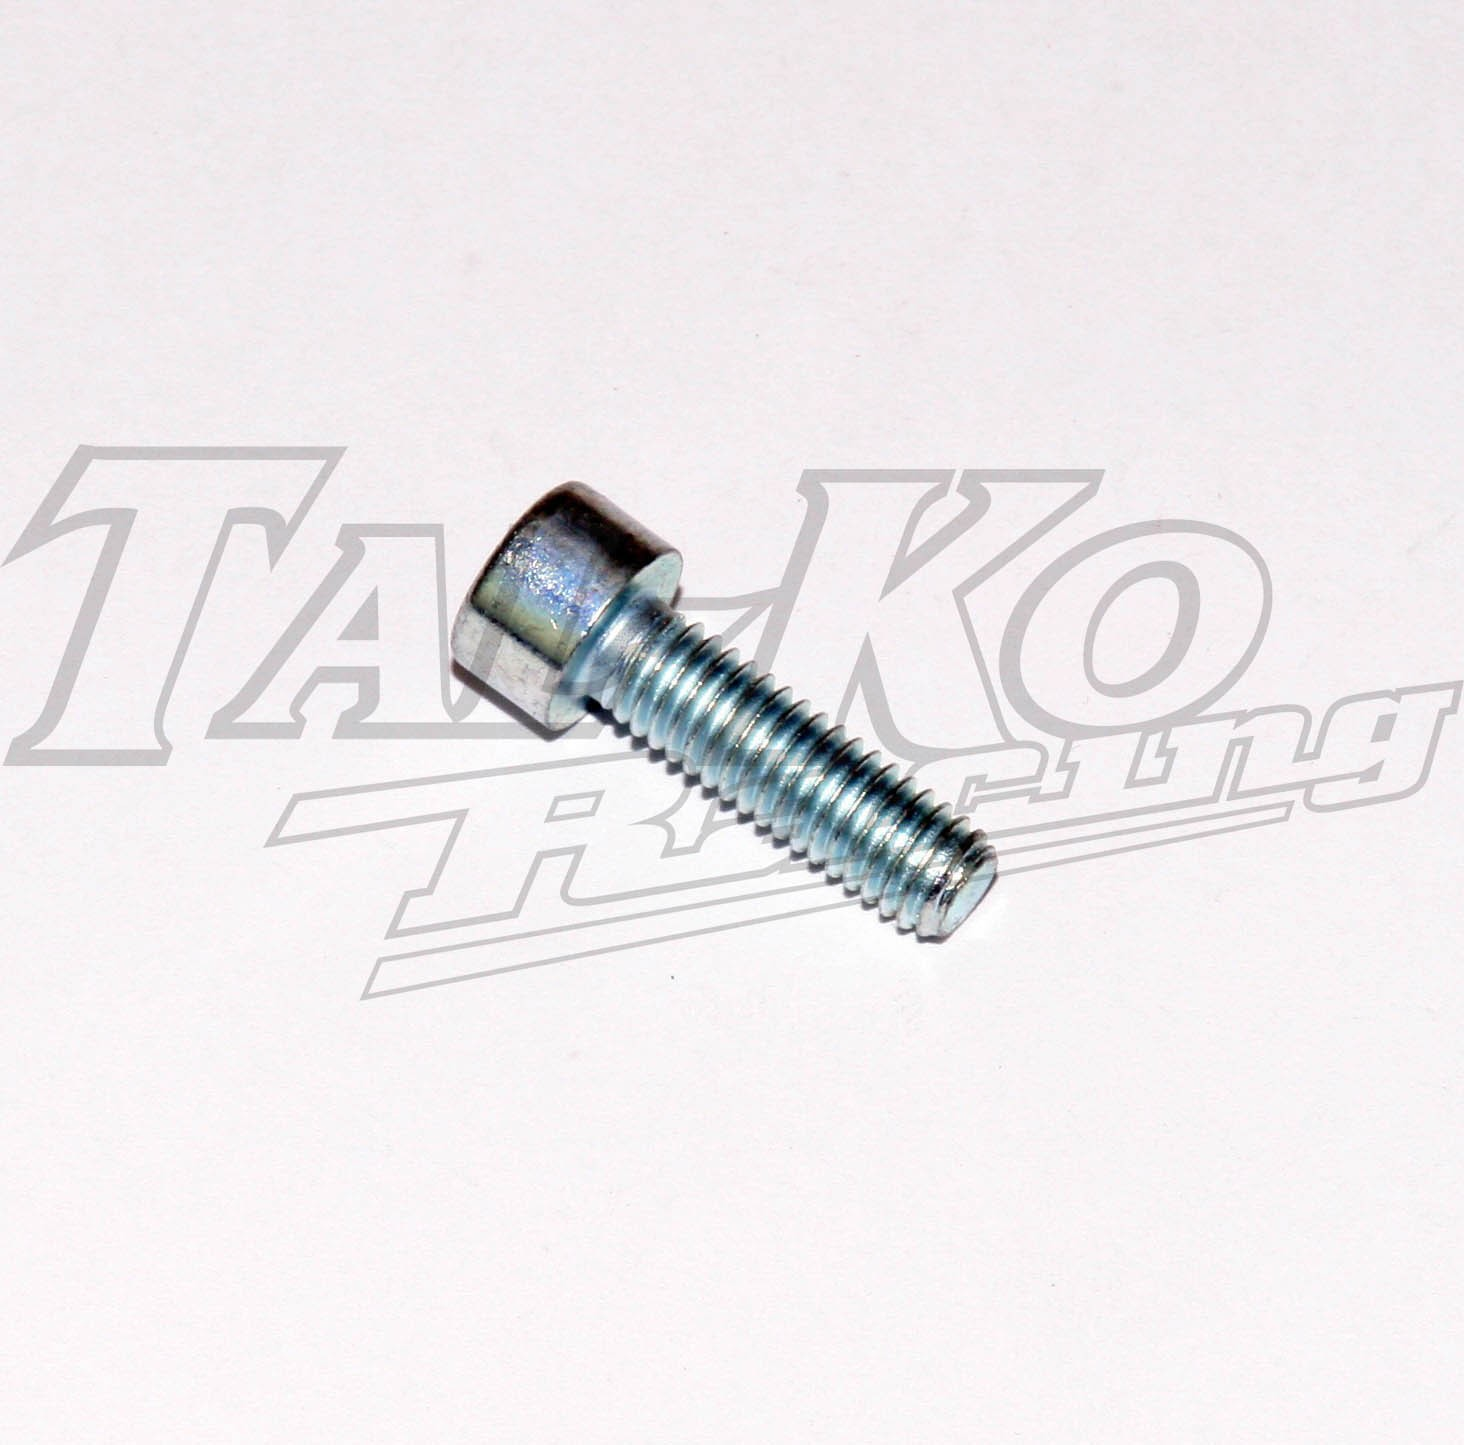 M6 X 20 BOLT ZINC PLATED